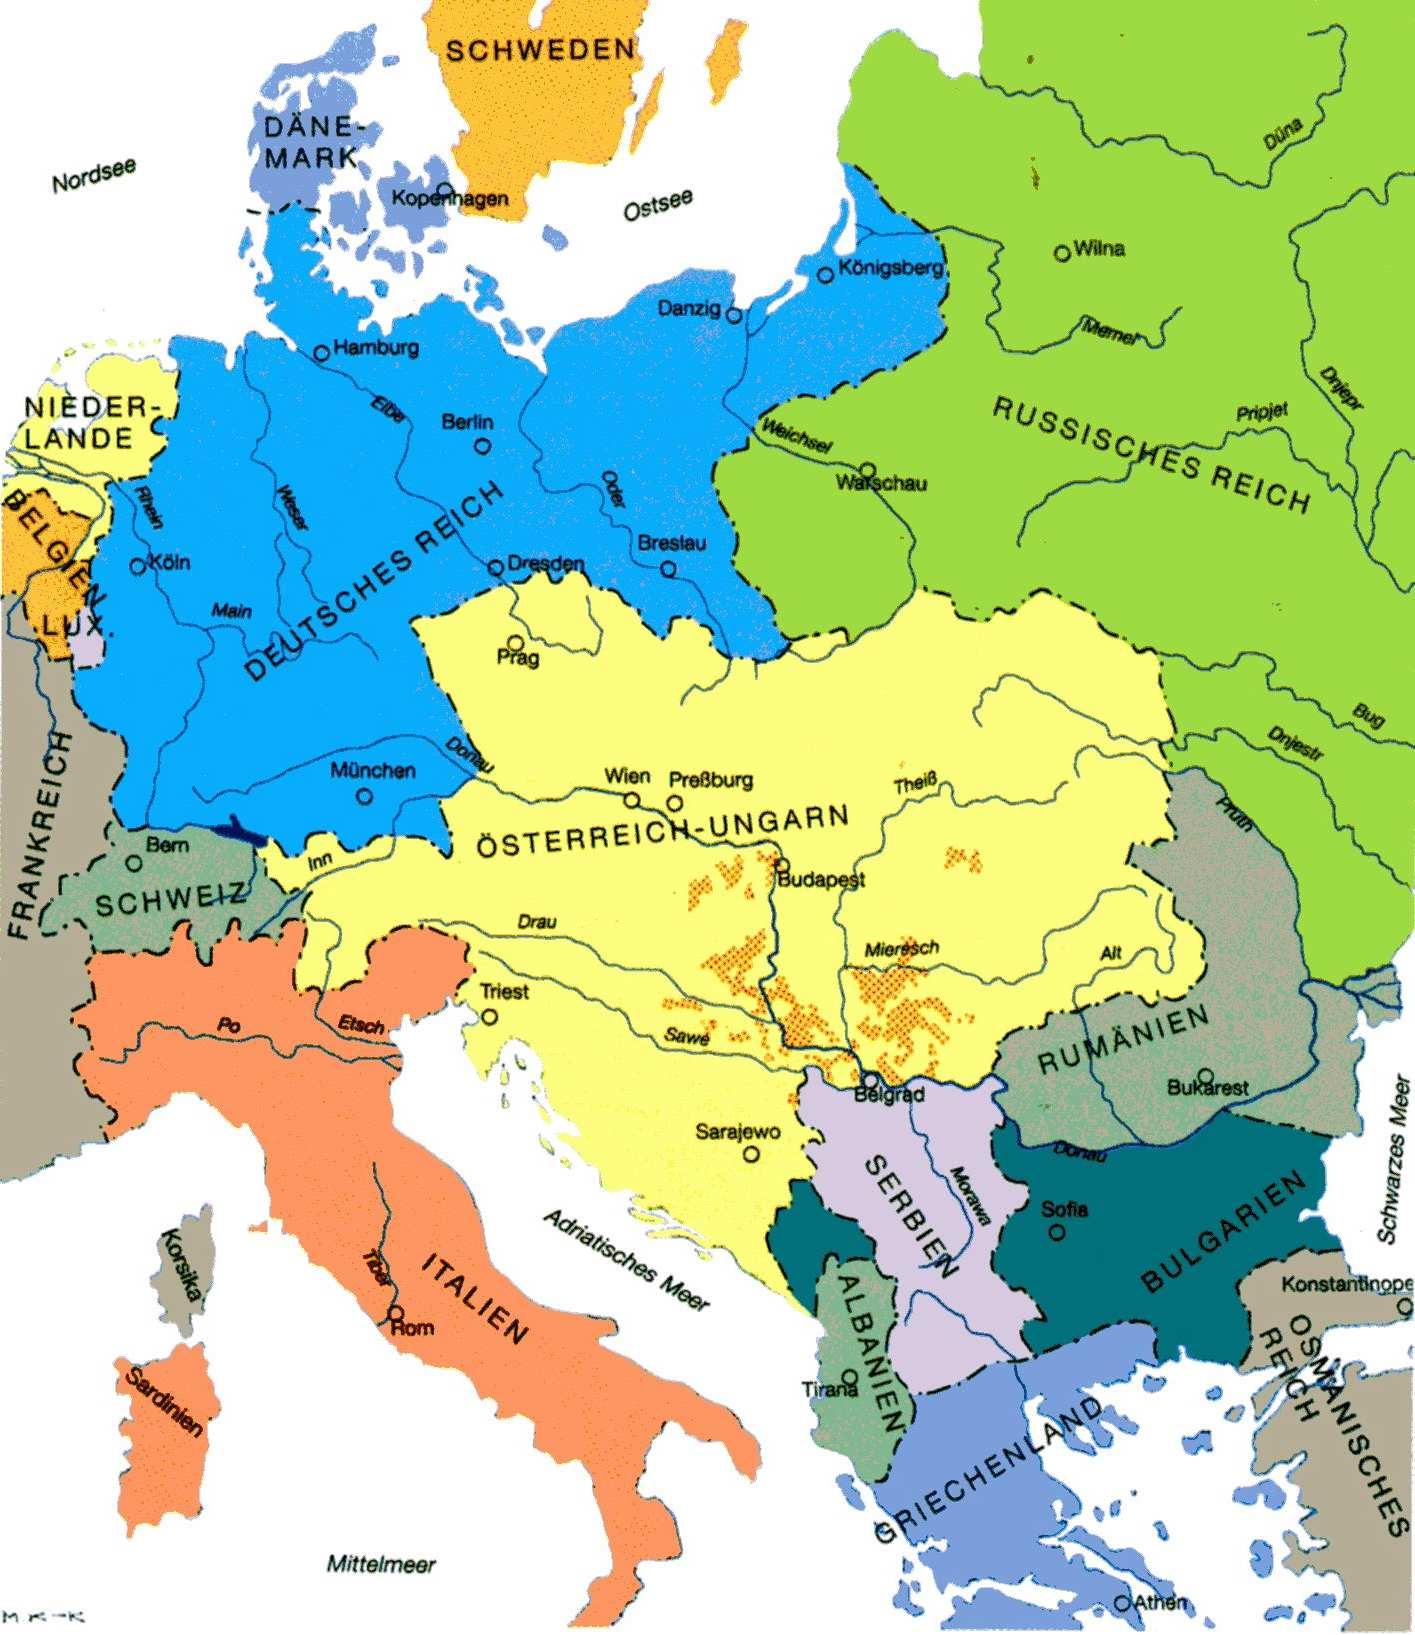 Deutsche Karte Vor Dem 1 Weltkrieg.Karten Donauschwabische Kulturstiftung